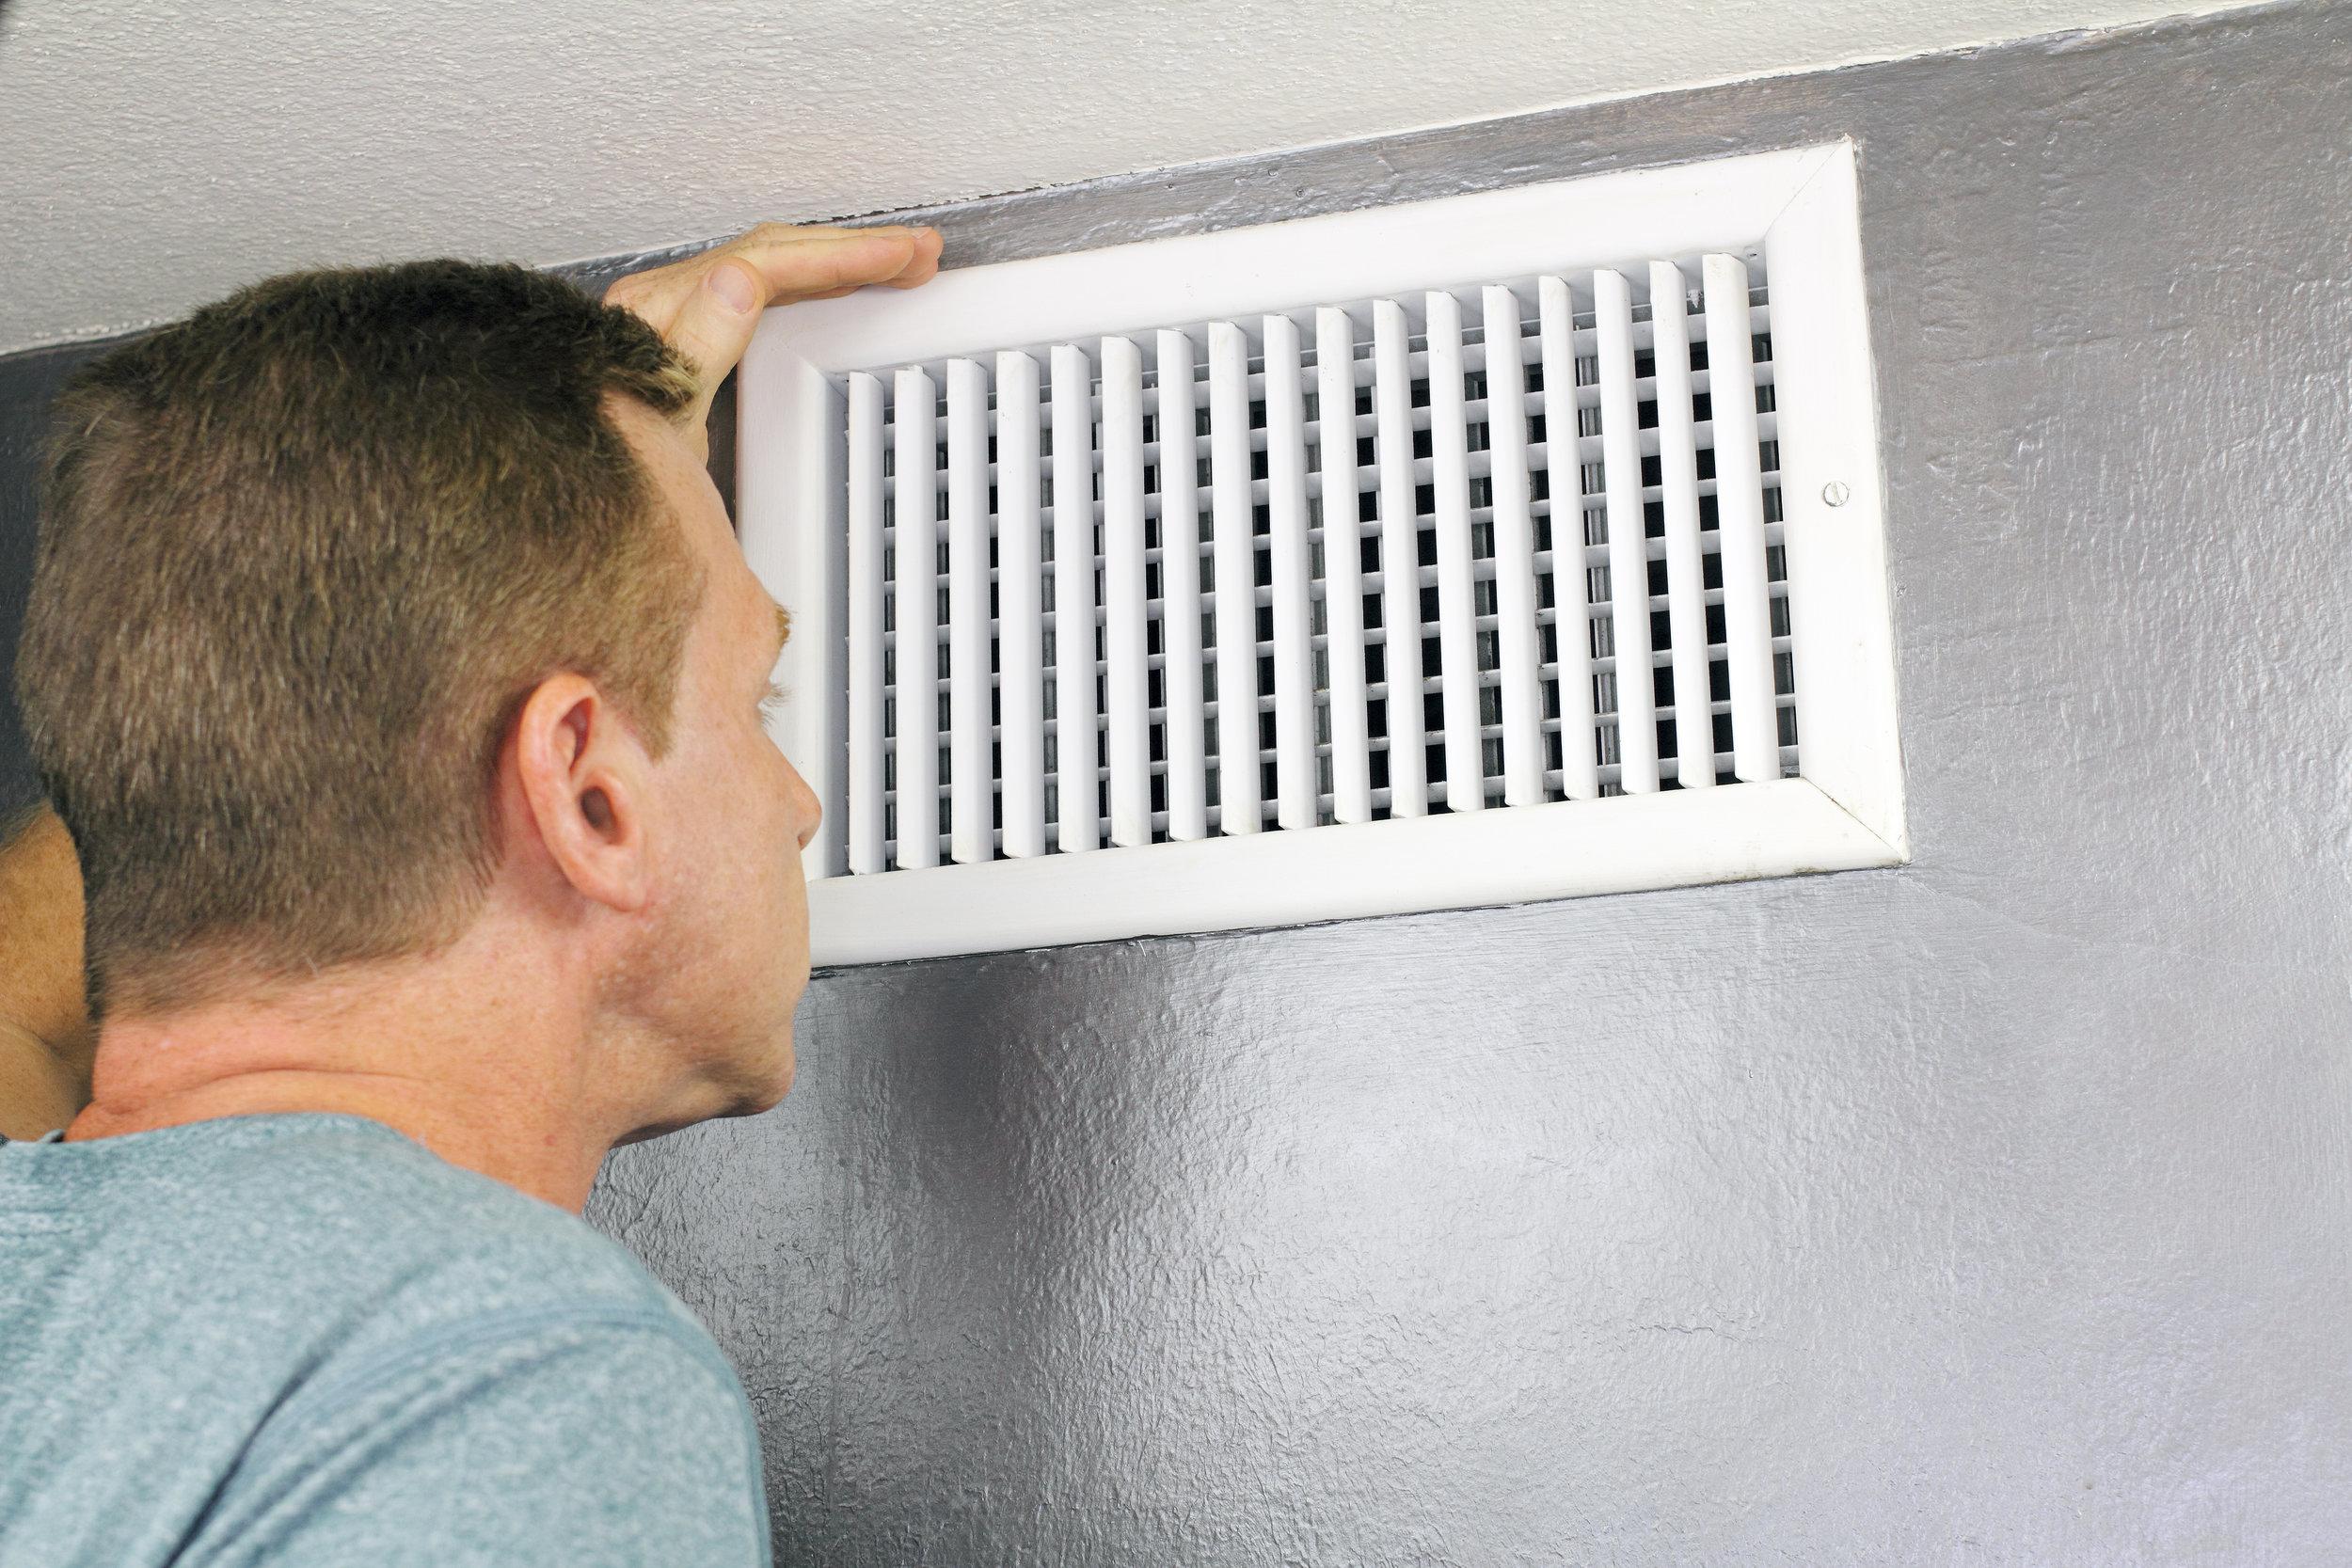 мужчина смотрит в вентиляцию, подключение вентилятора